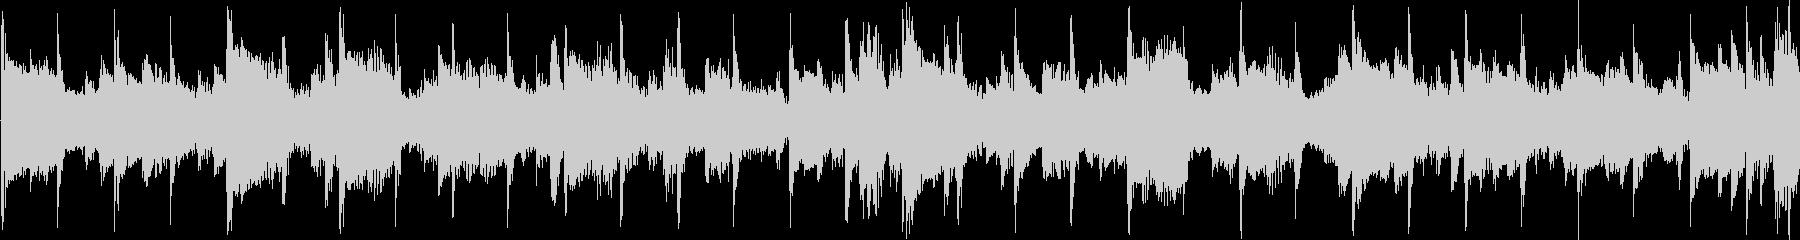 アジア風のメロディのジングル_ループの未再生の波形